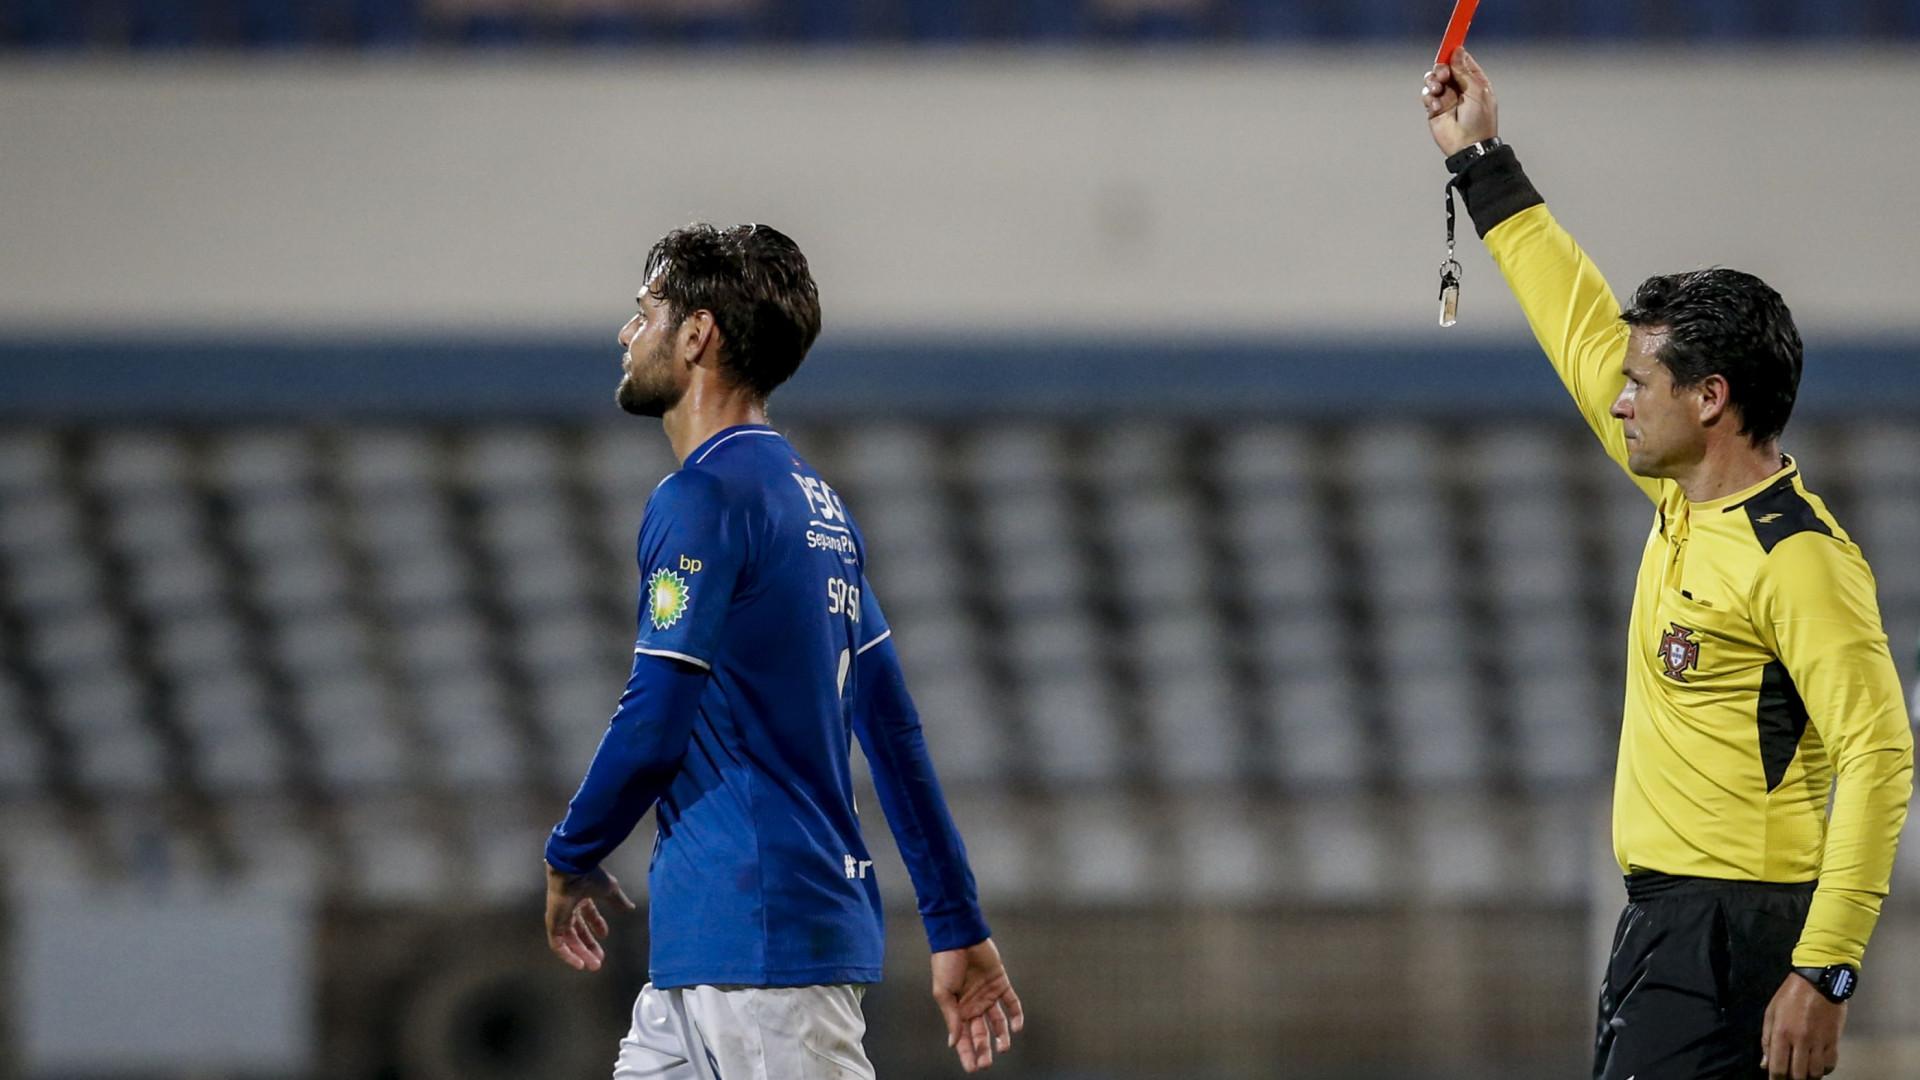 Belenenses-Sporting: Eis as palavras que valeram a expulsão de Sasso